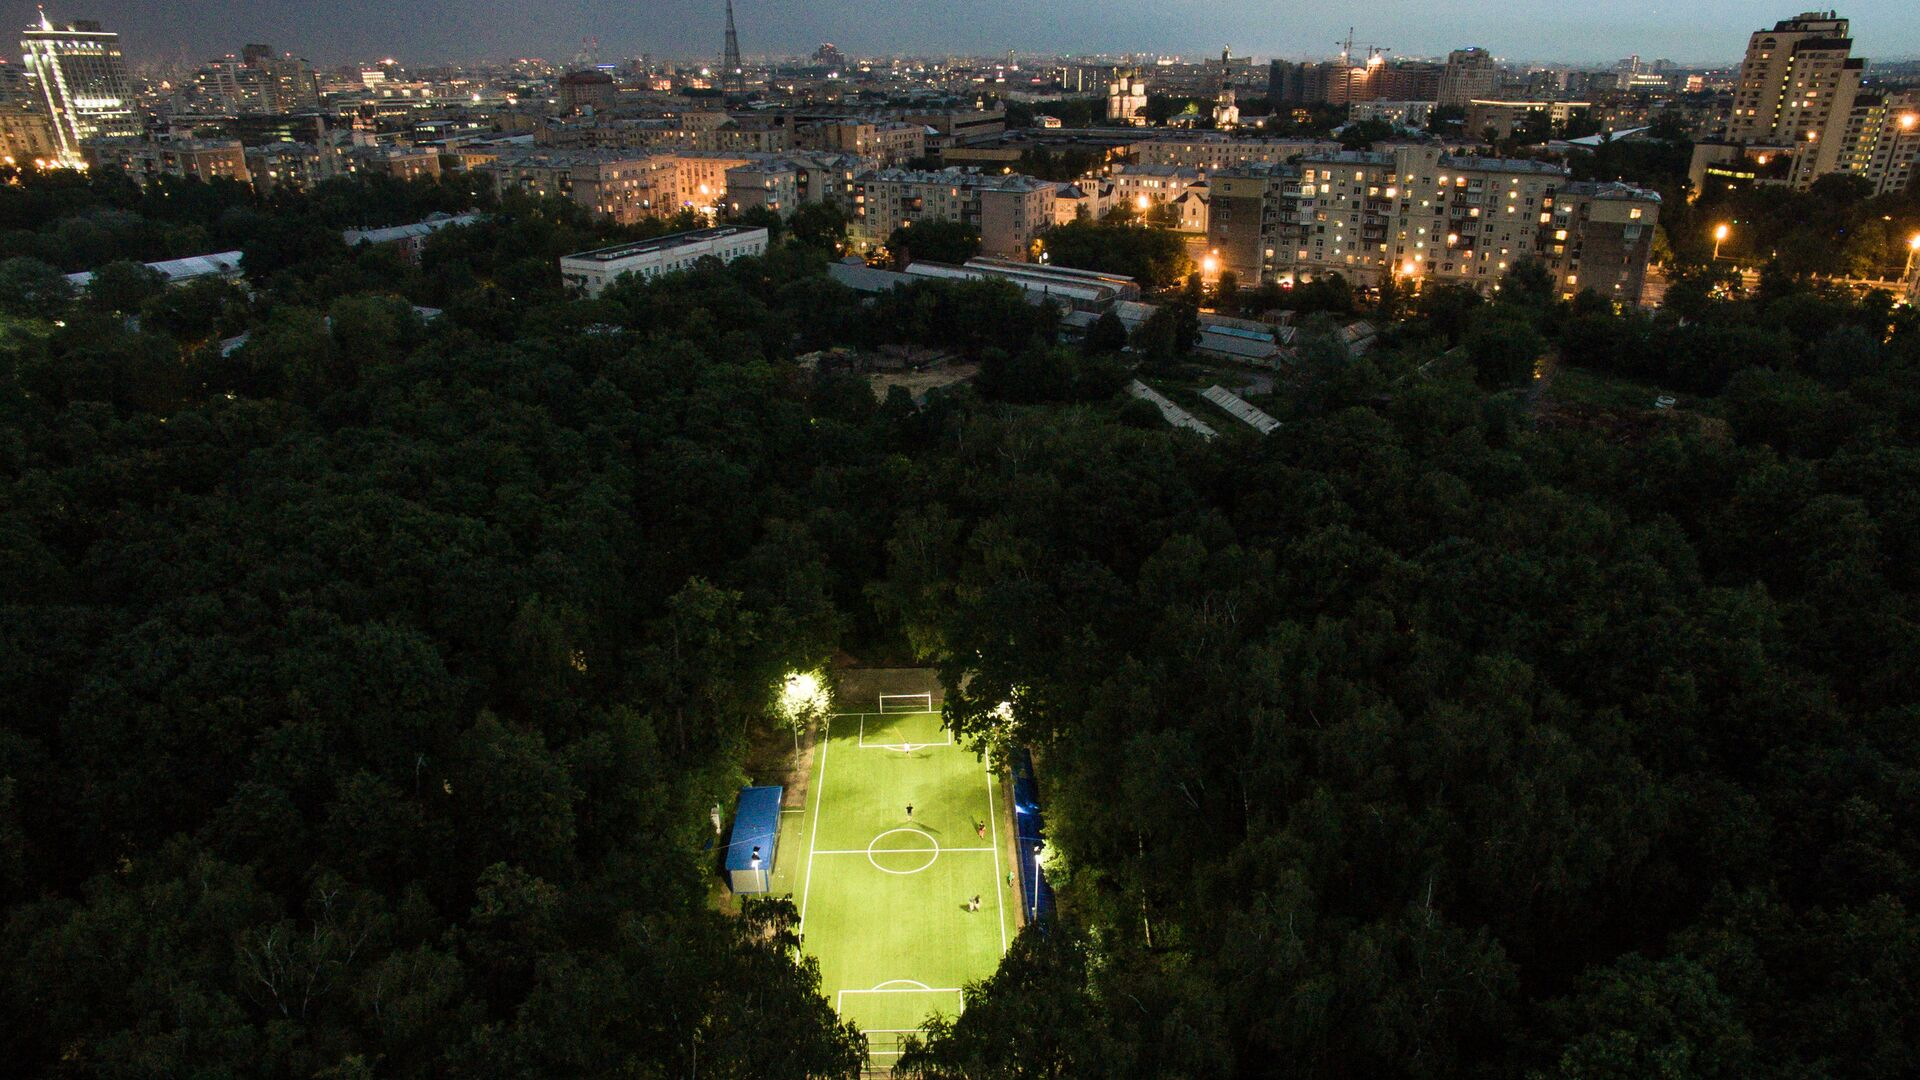 Люди играют в футбол в Нескучном саду в Москве - РИА Новости, 1920, 23.06.2021